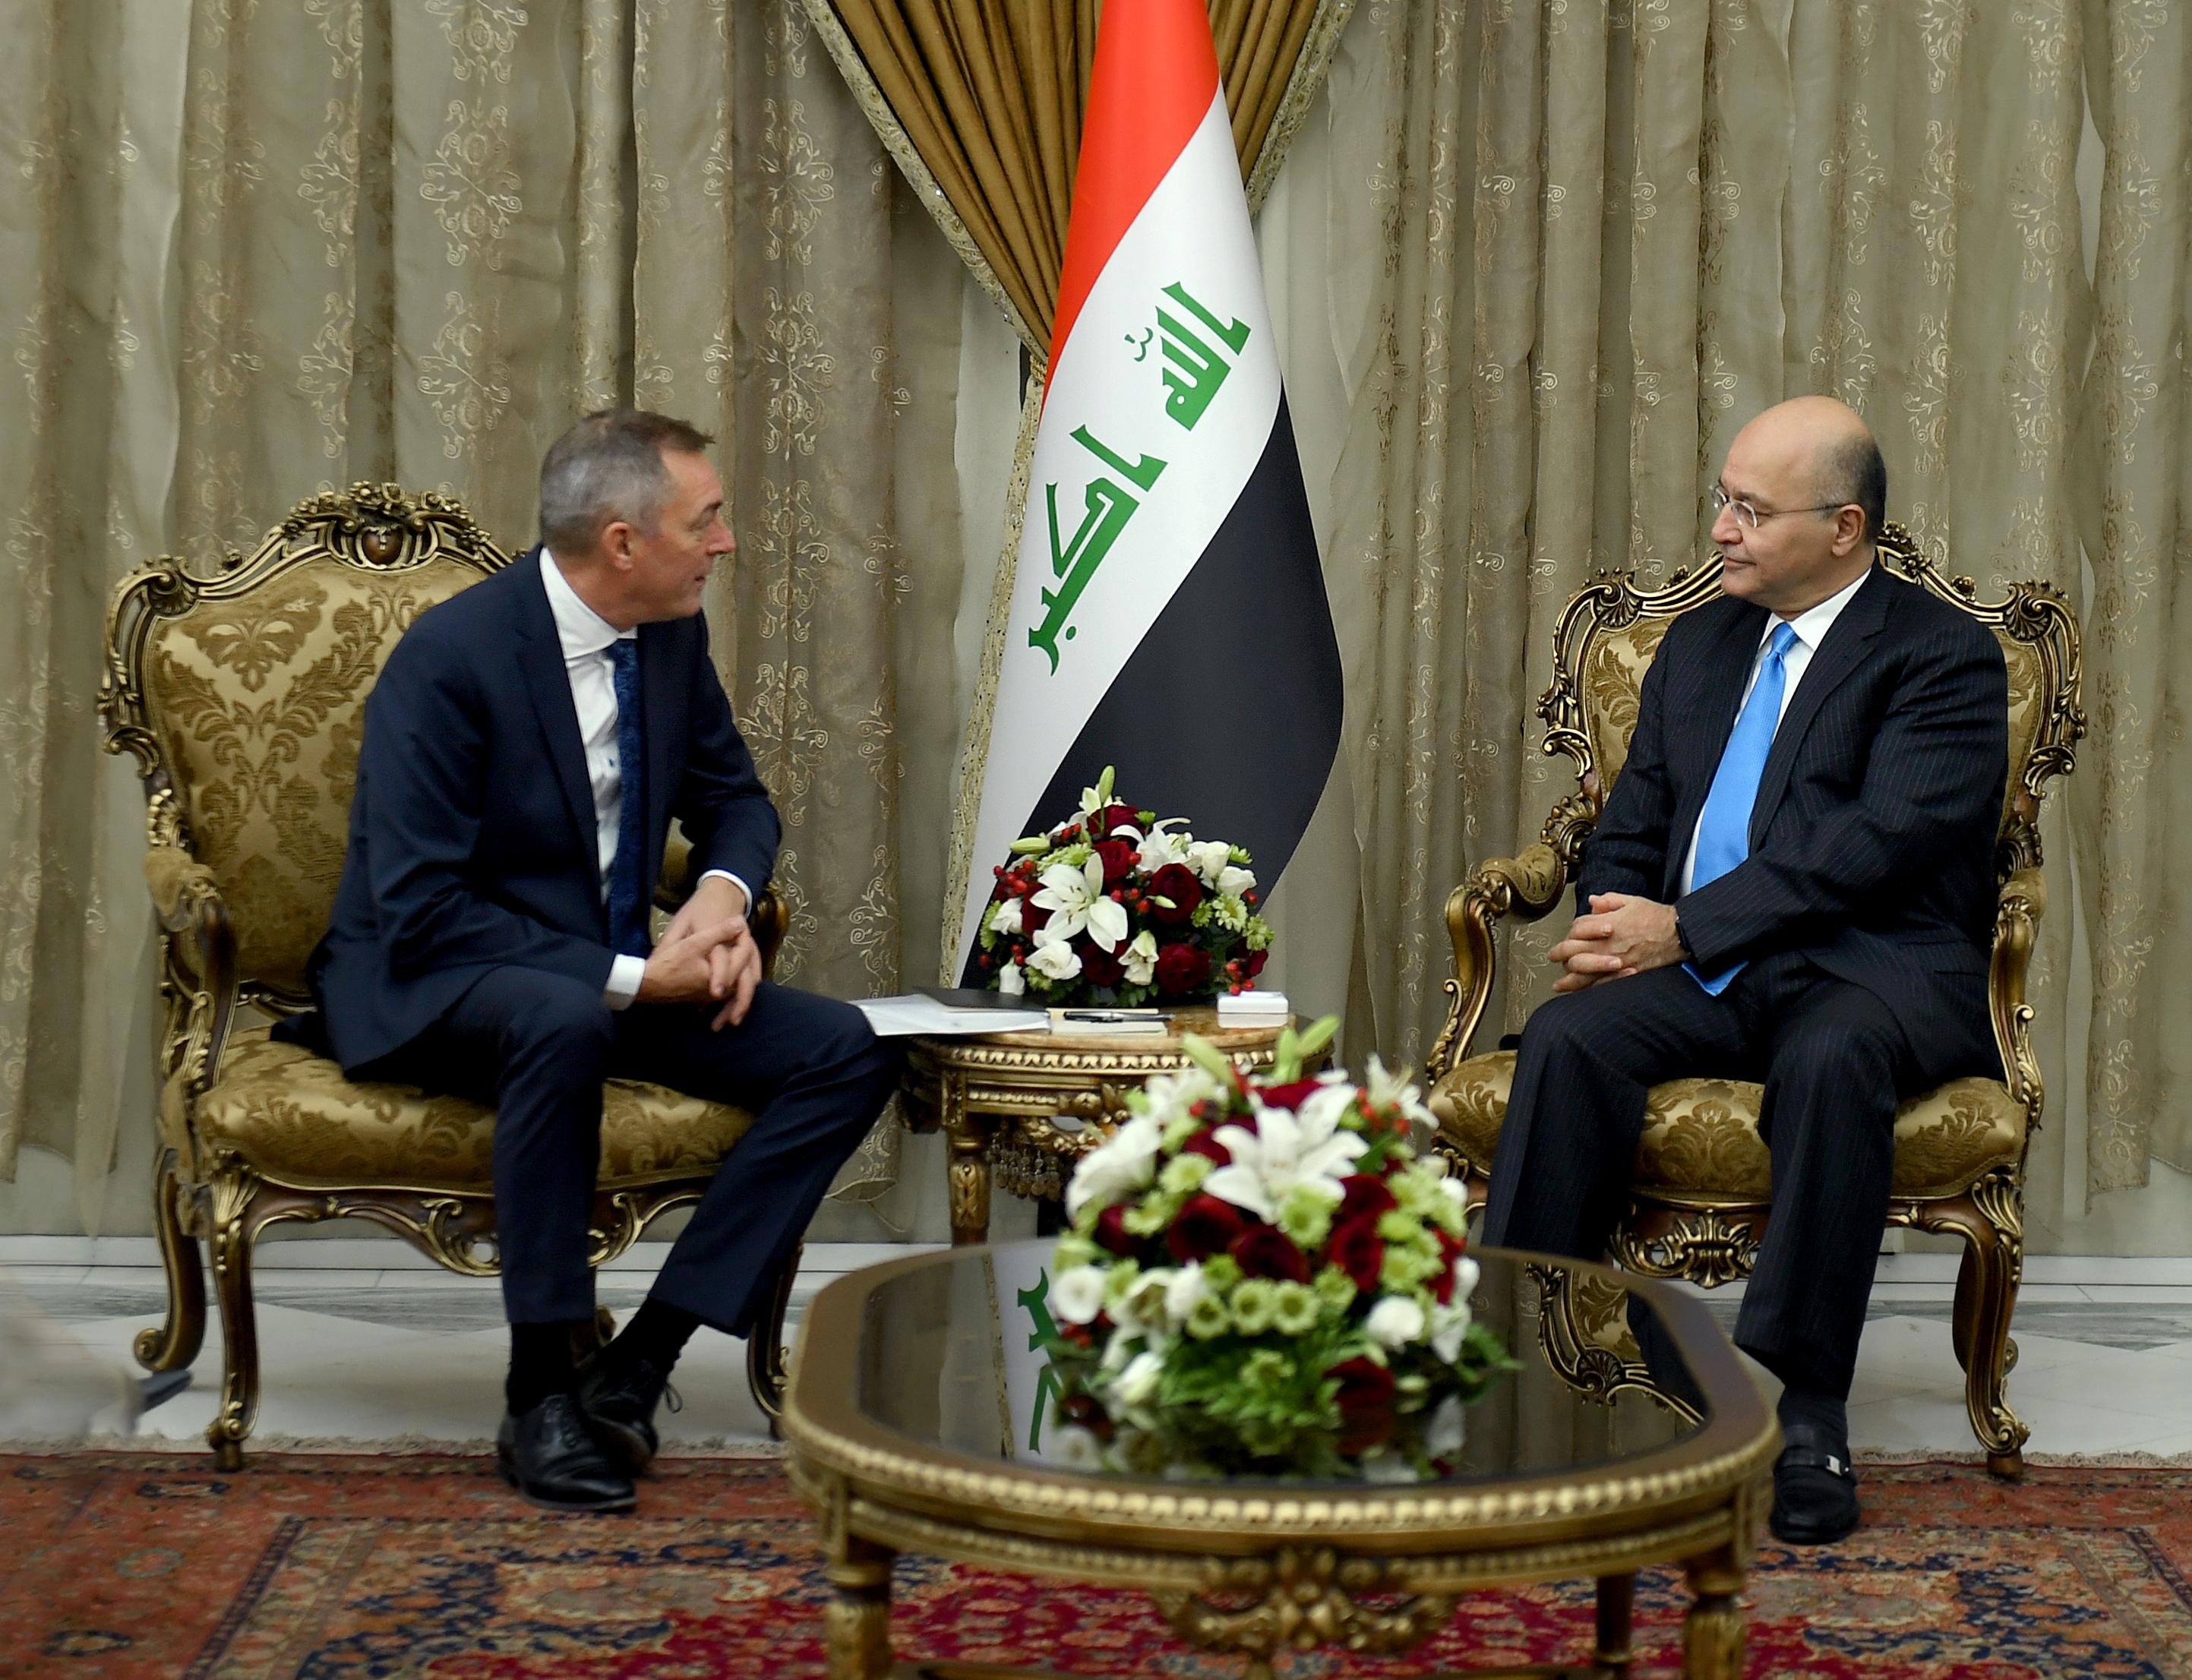 النرويج تؤكد على التزامها المستمر بدعم العراق